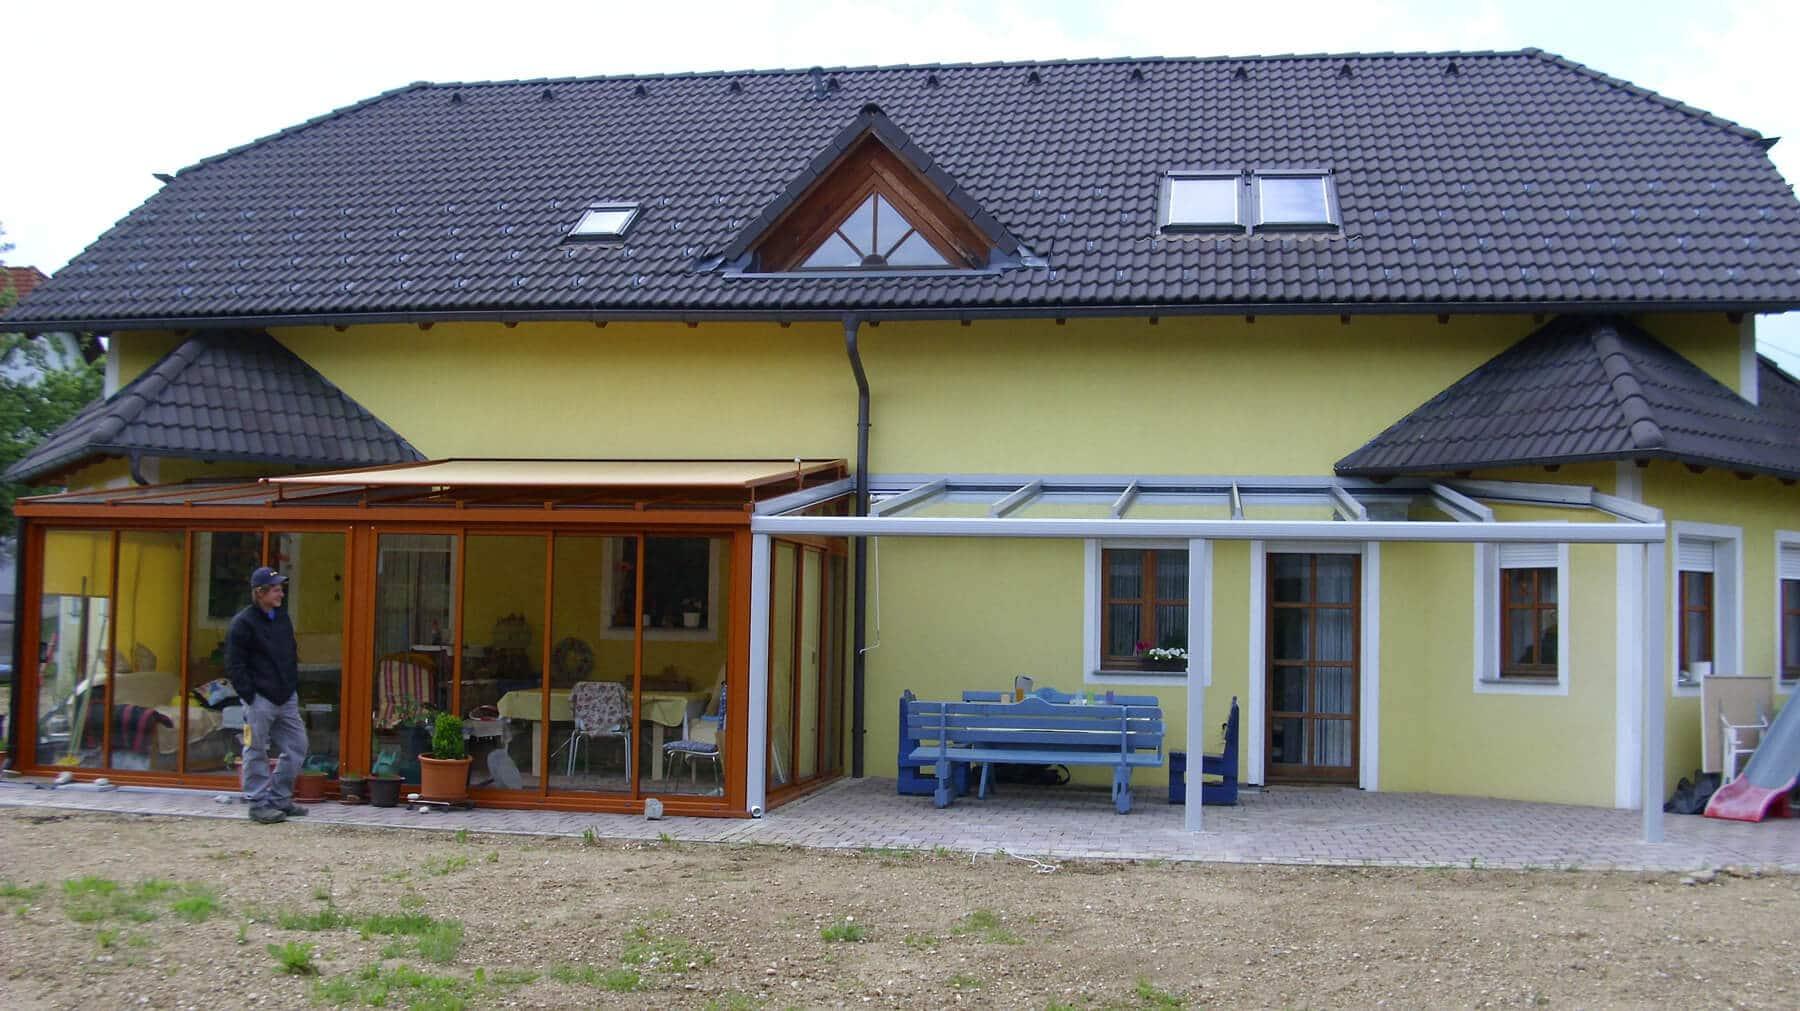 Verlängerung des Wintergartendaches mit einer Terrassenüberdachung